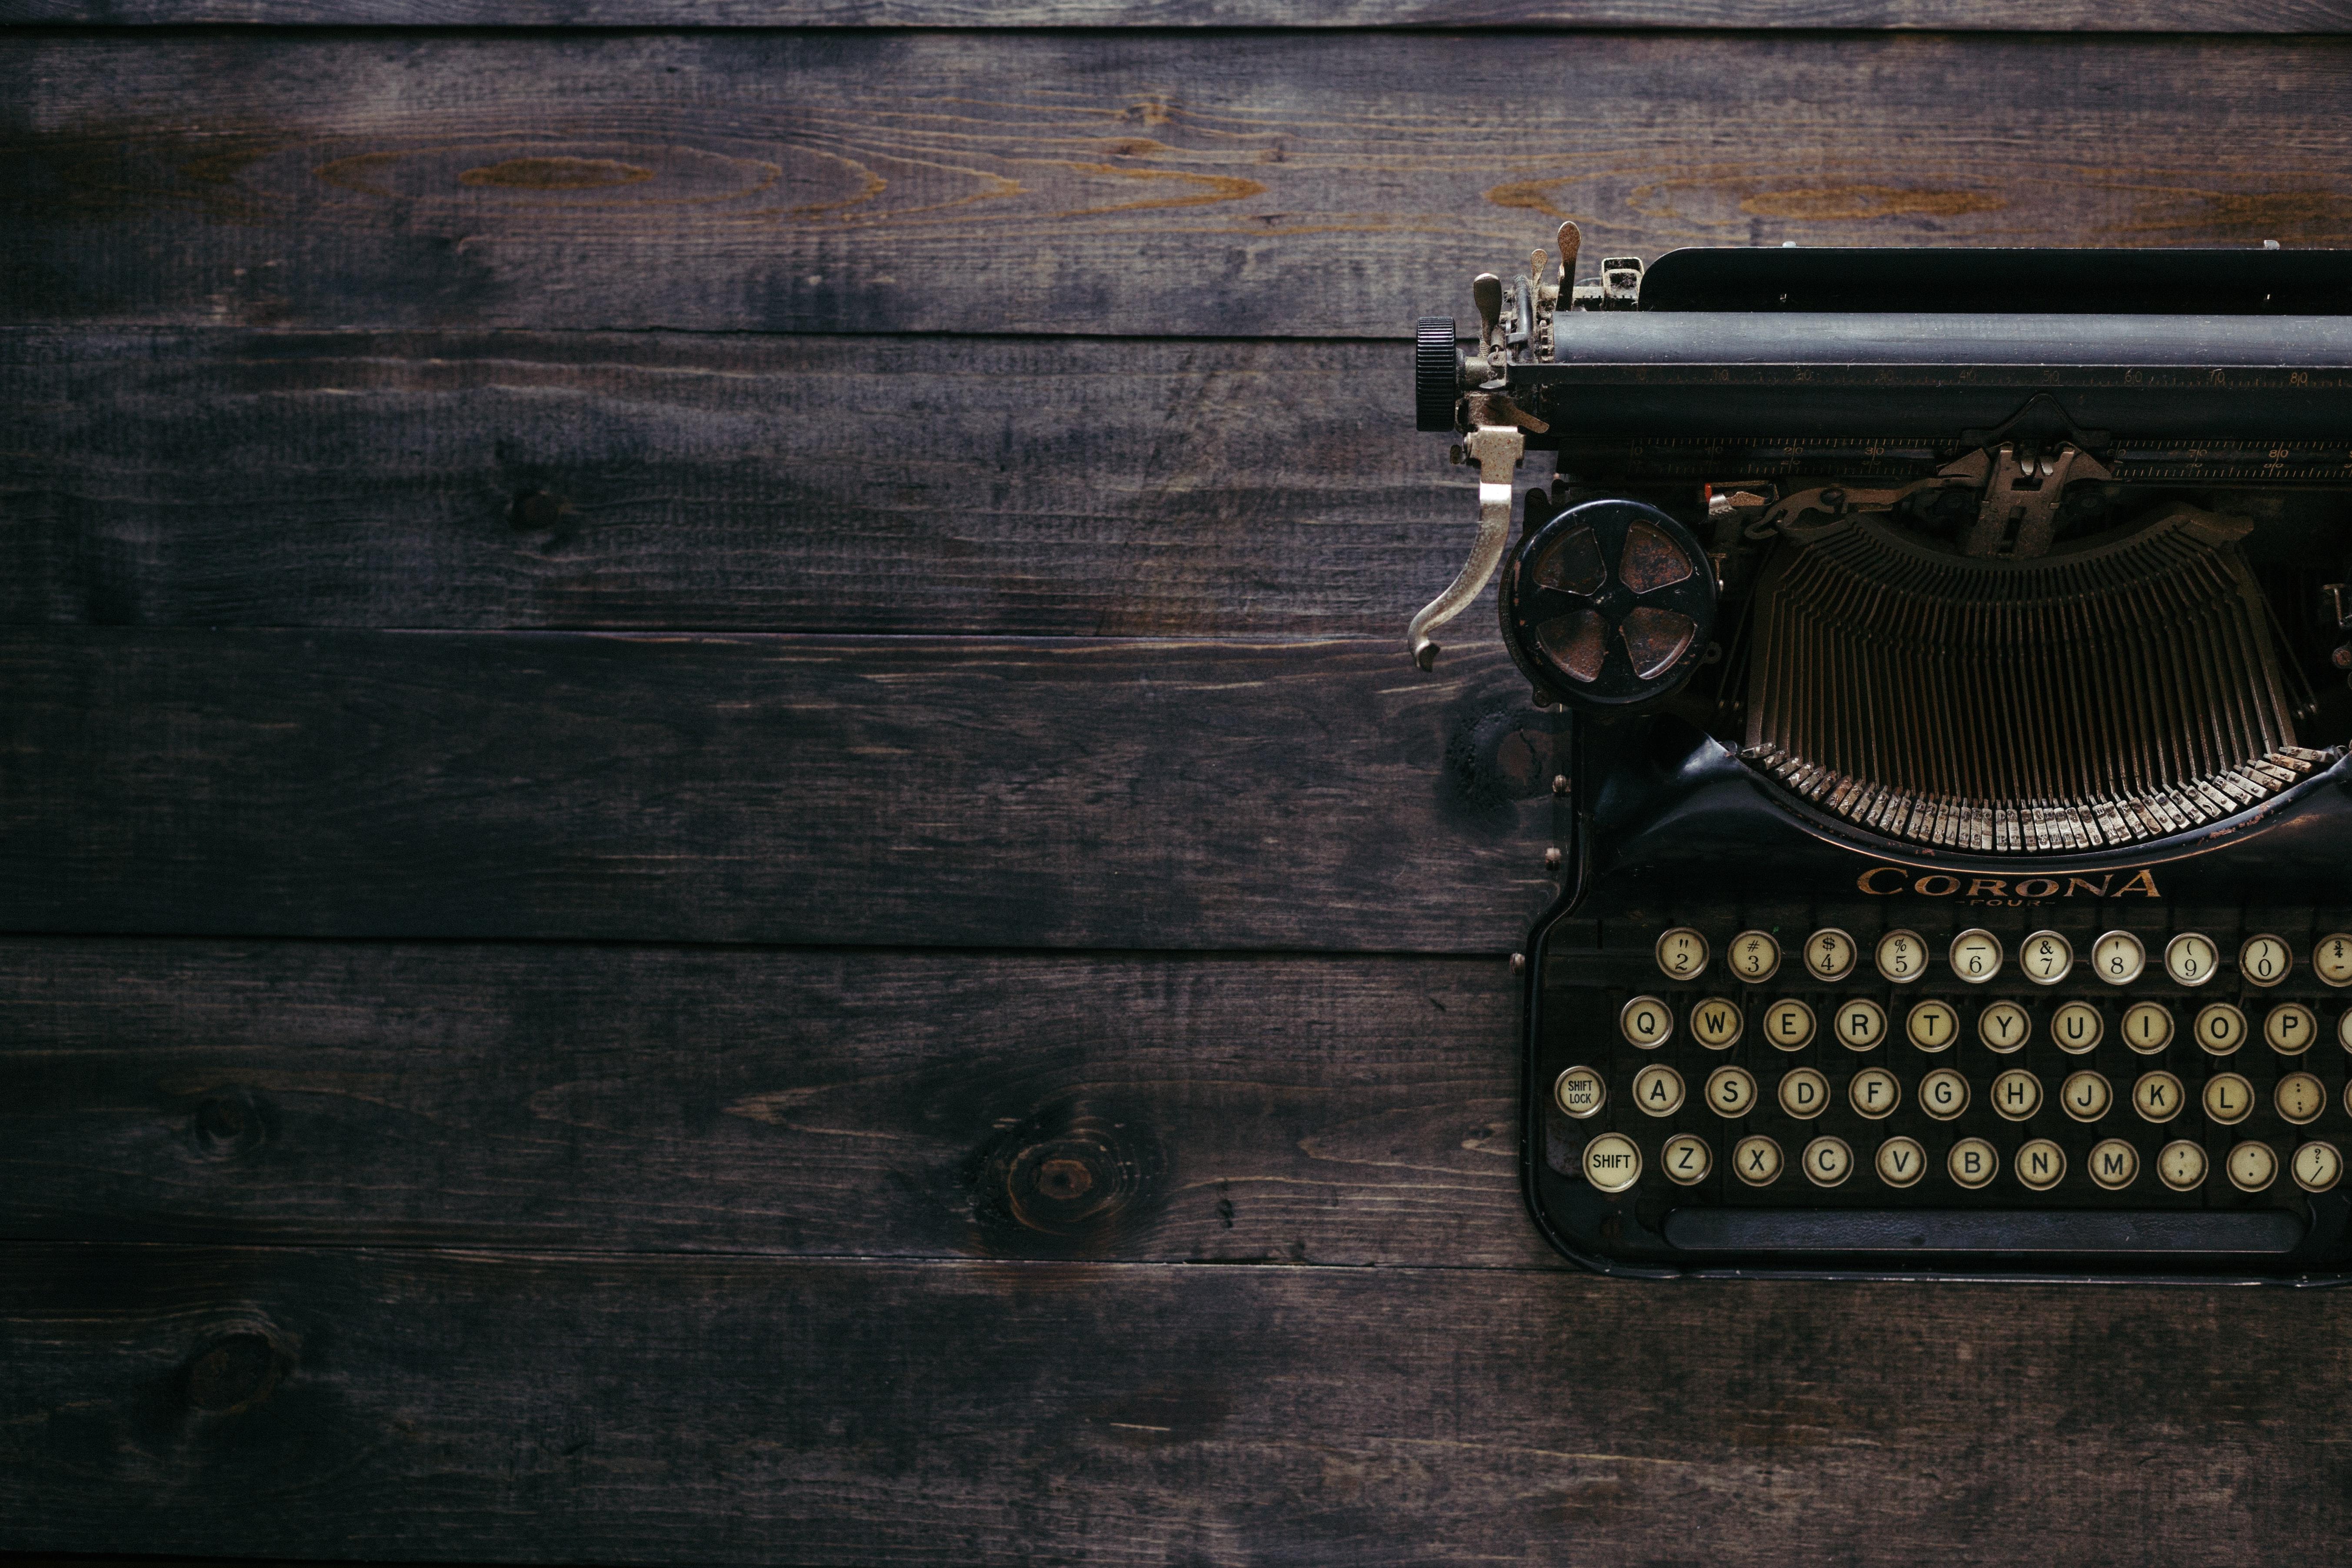 Dejar de escribir: si eres copywriter es una de las 5 cosas que jamás deberías hacer